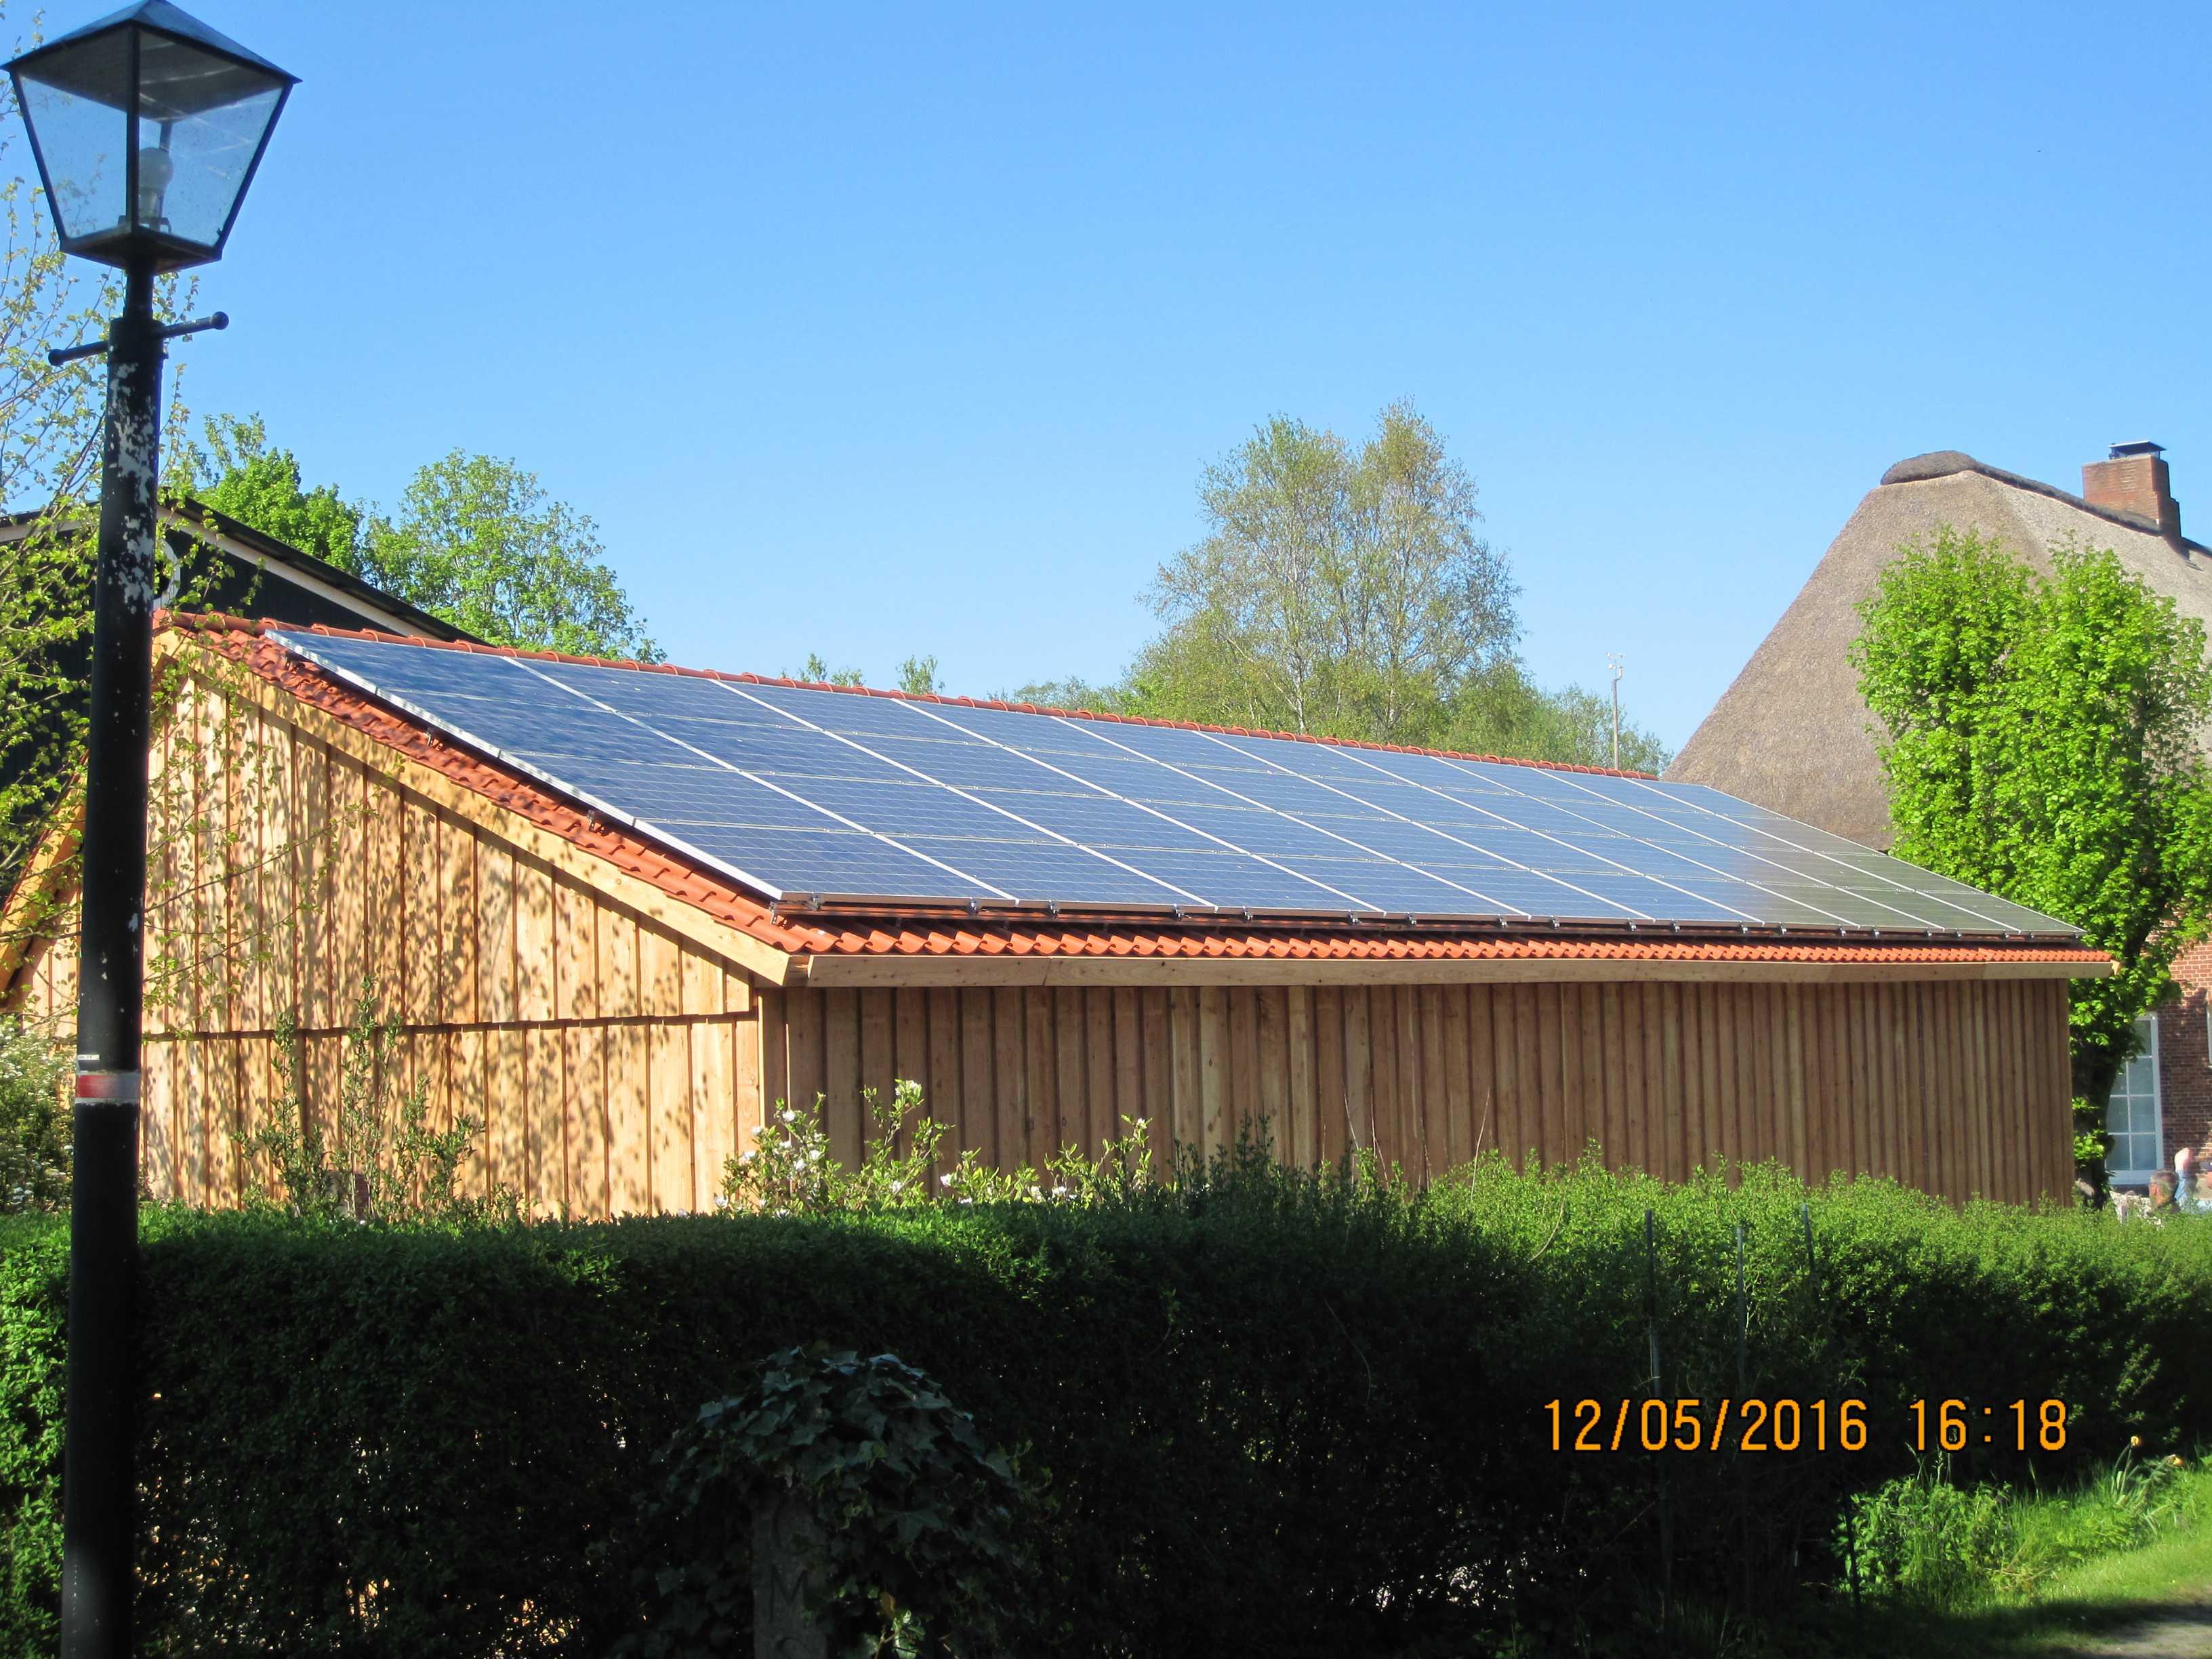 Satteldach-Carport mit Photovoltaik-Anla